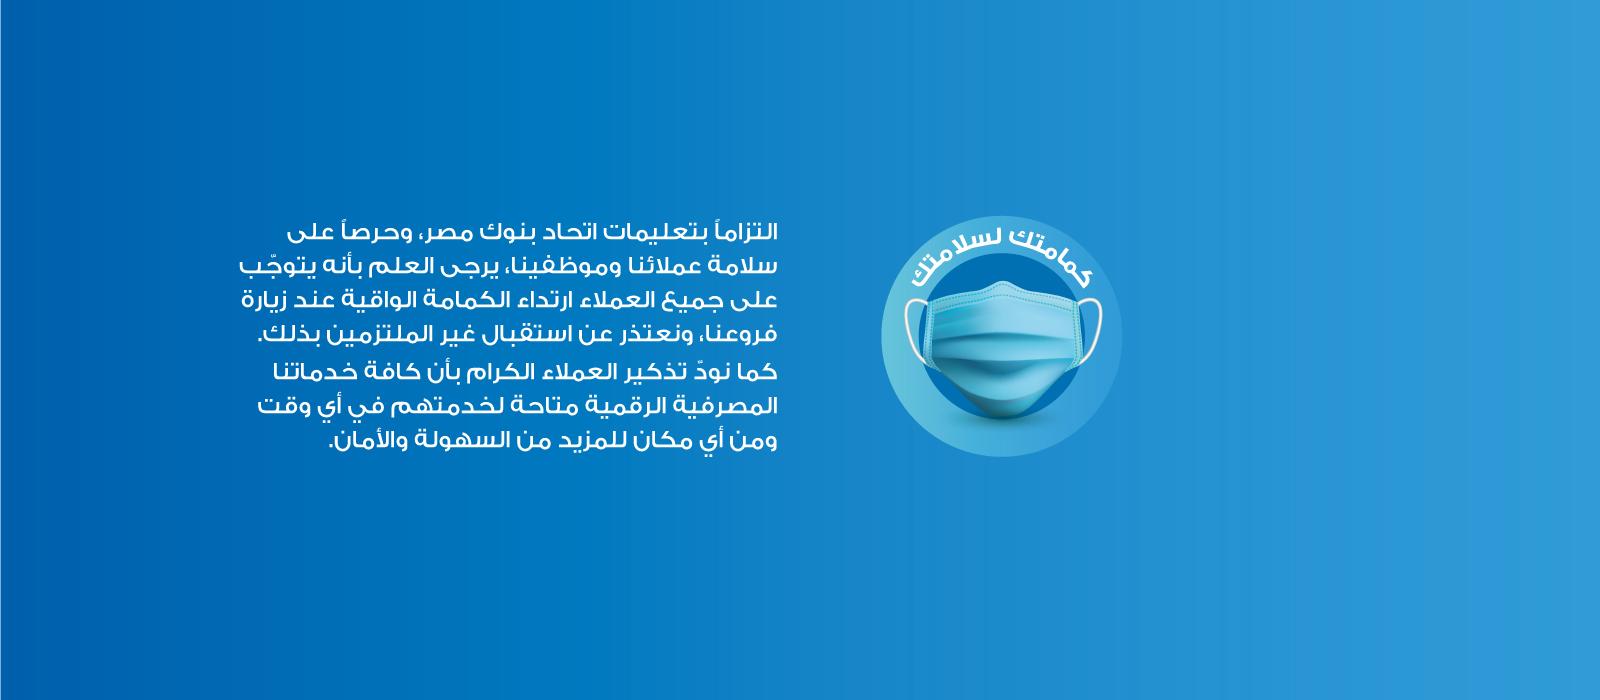 Web-banner-1600x700-A (4)